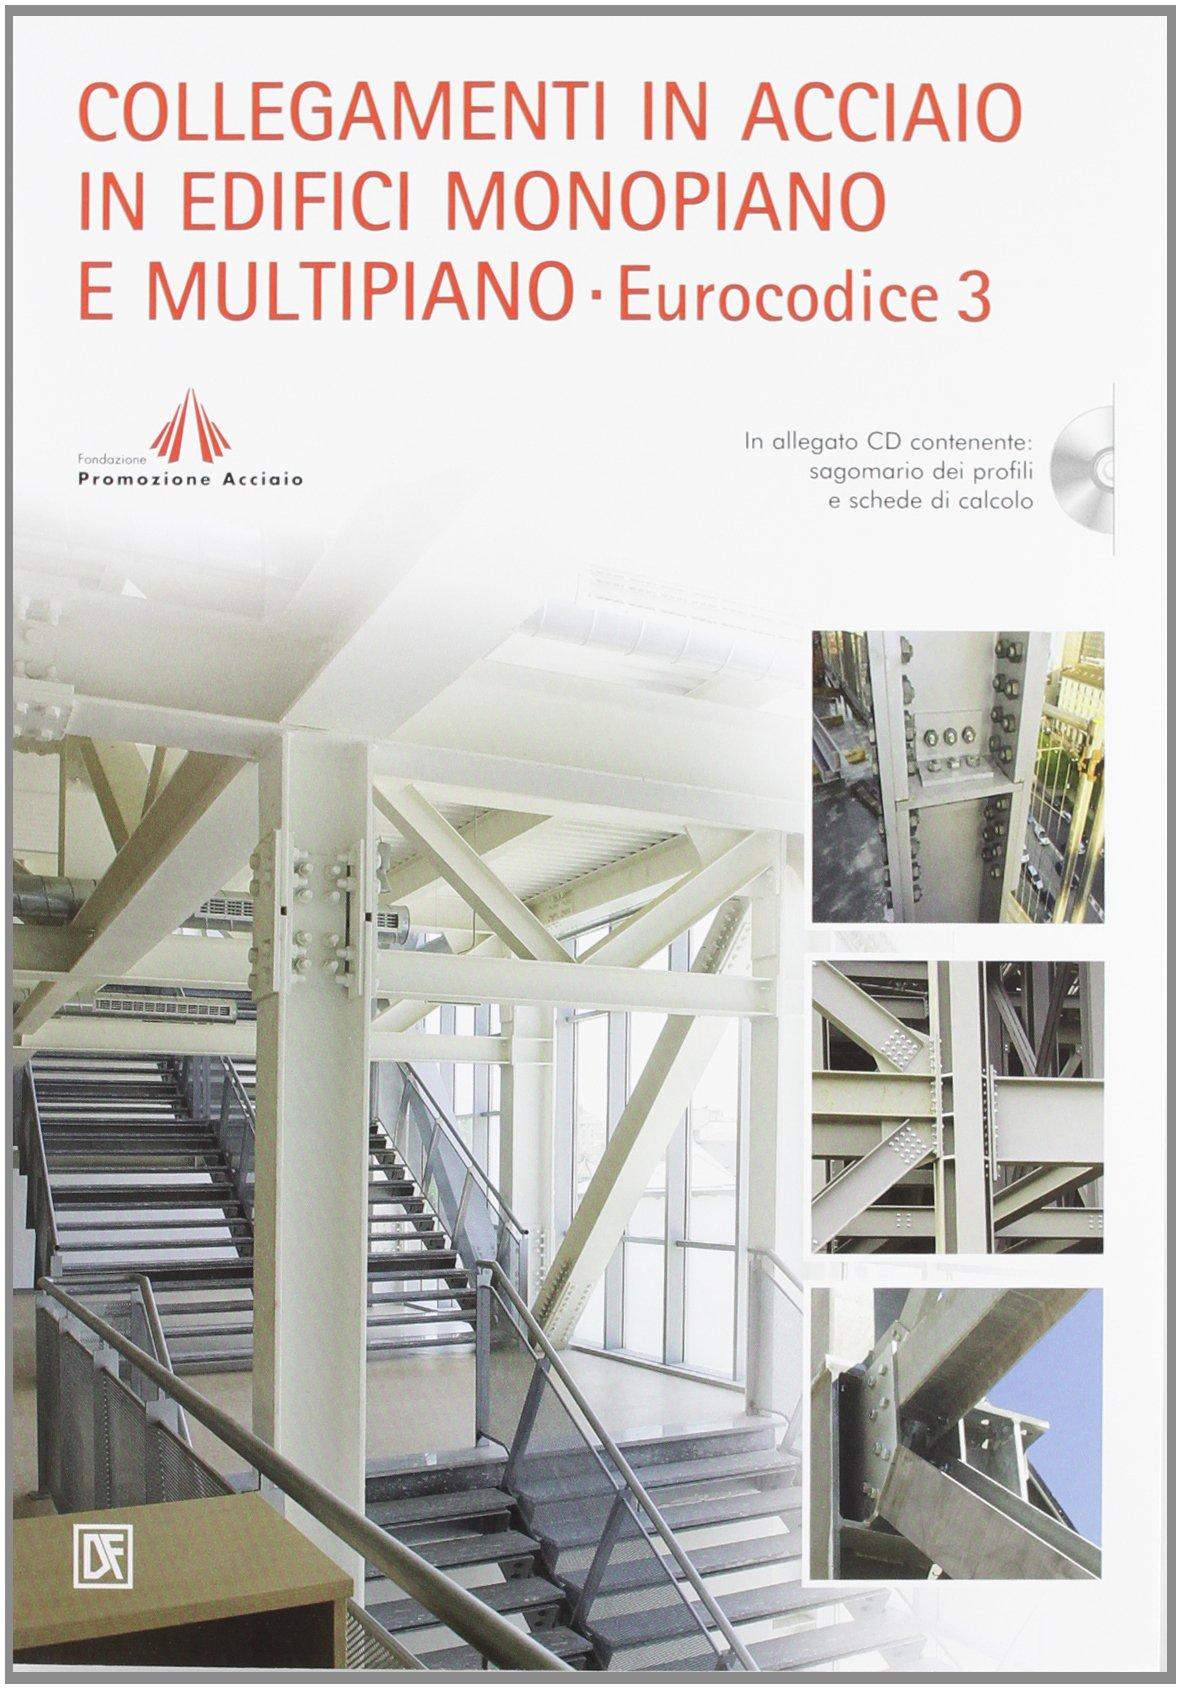 Collegamenti in acciaio in edifici monopiano e multipiano. Eurocodice 3